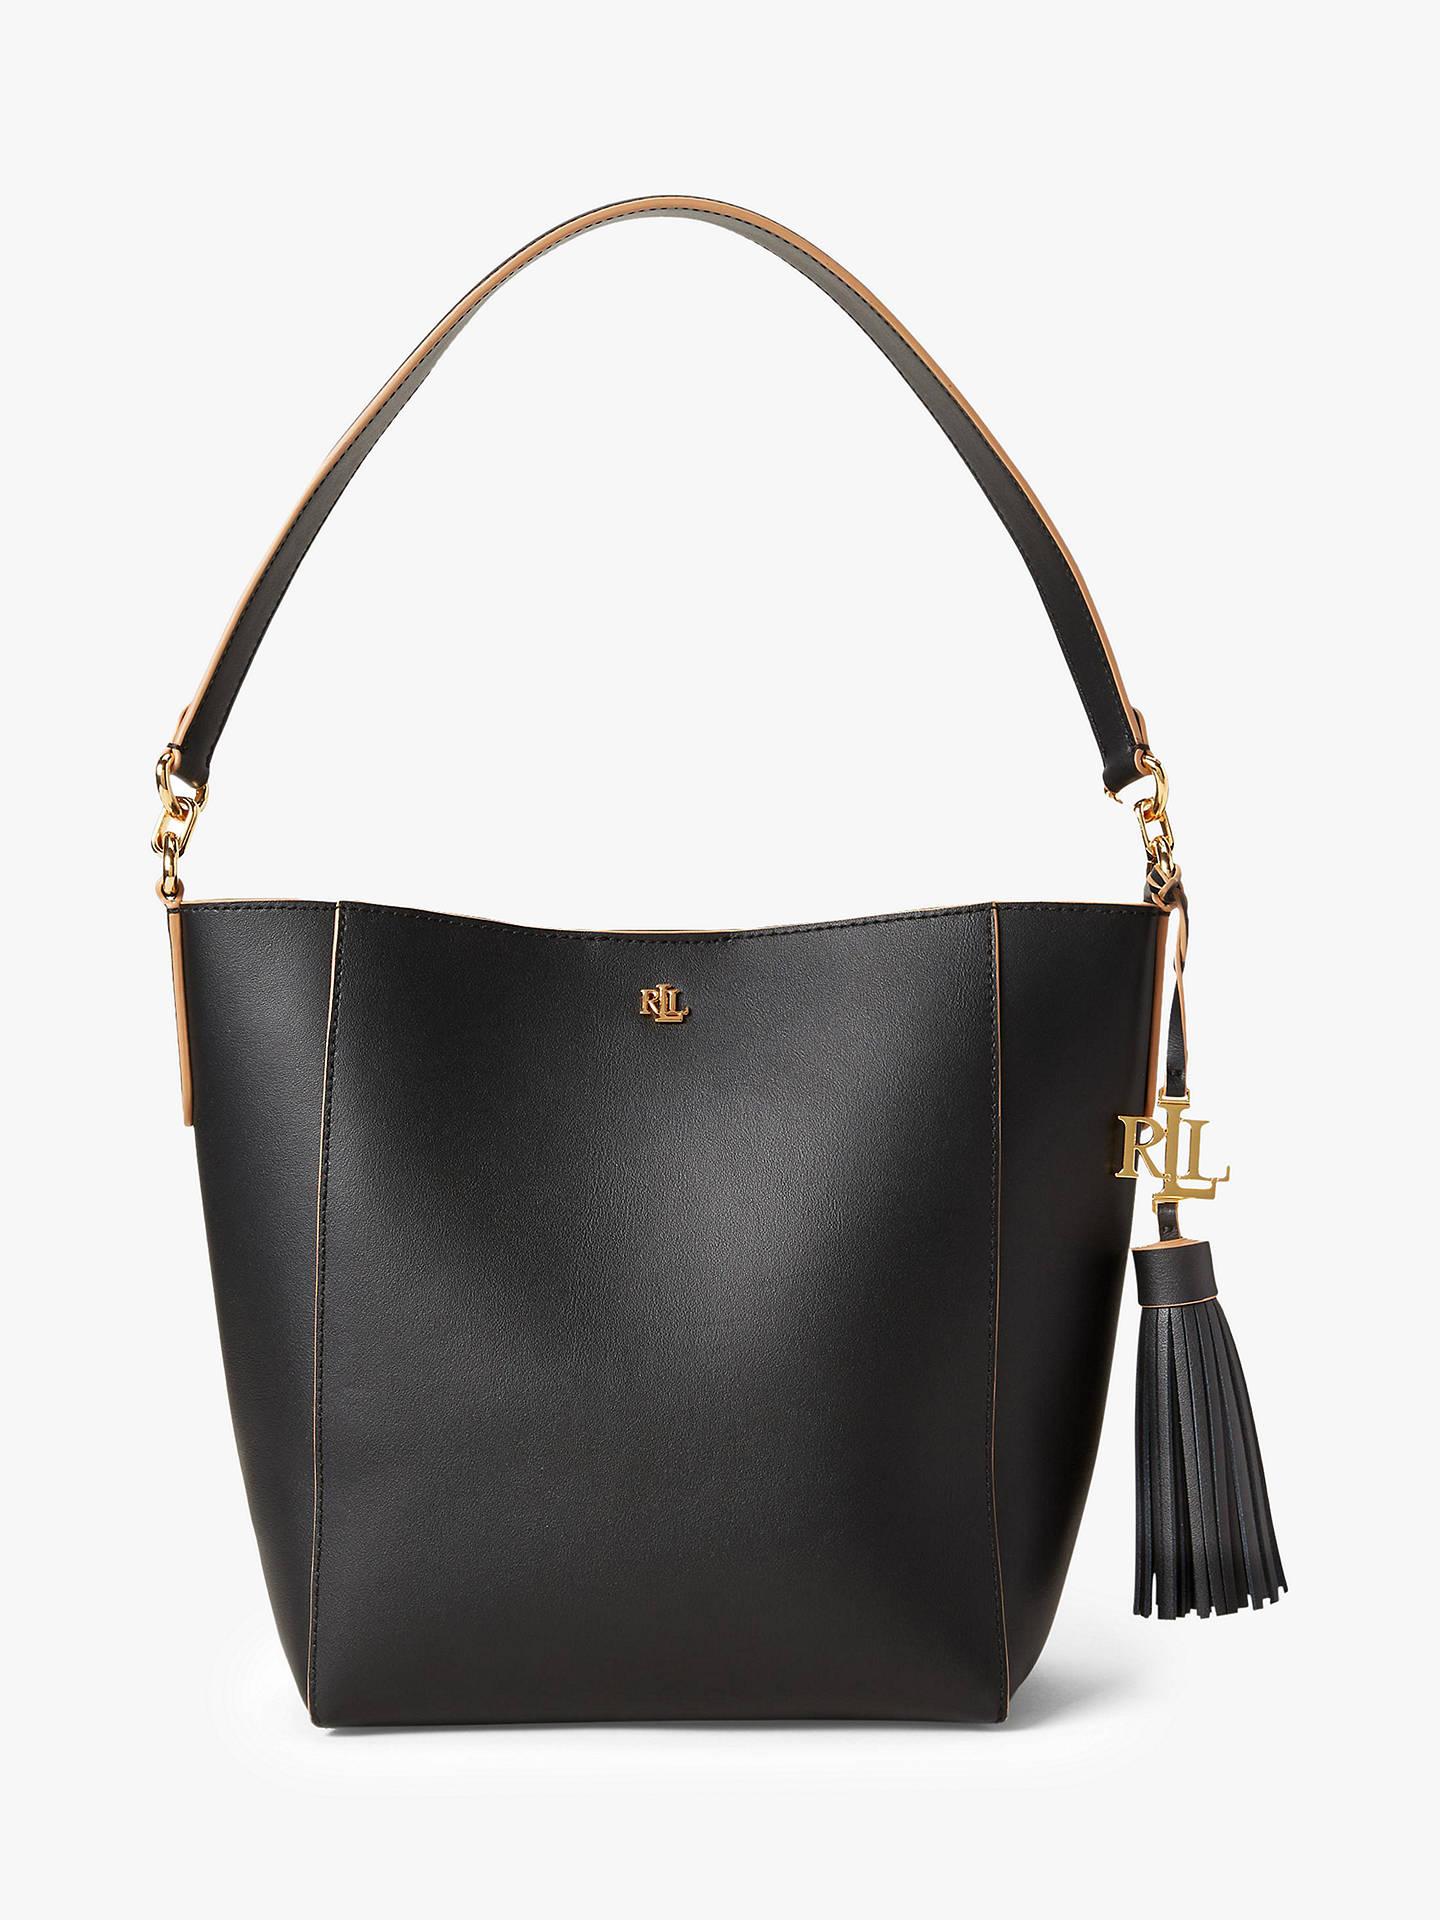 Lauren Ralph Lauren Adley 25 Leather Shoulder Bag, Black